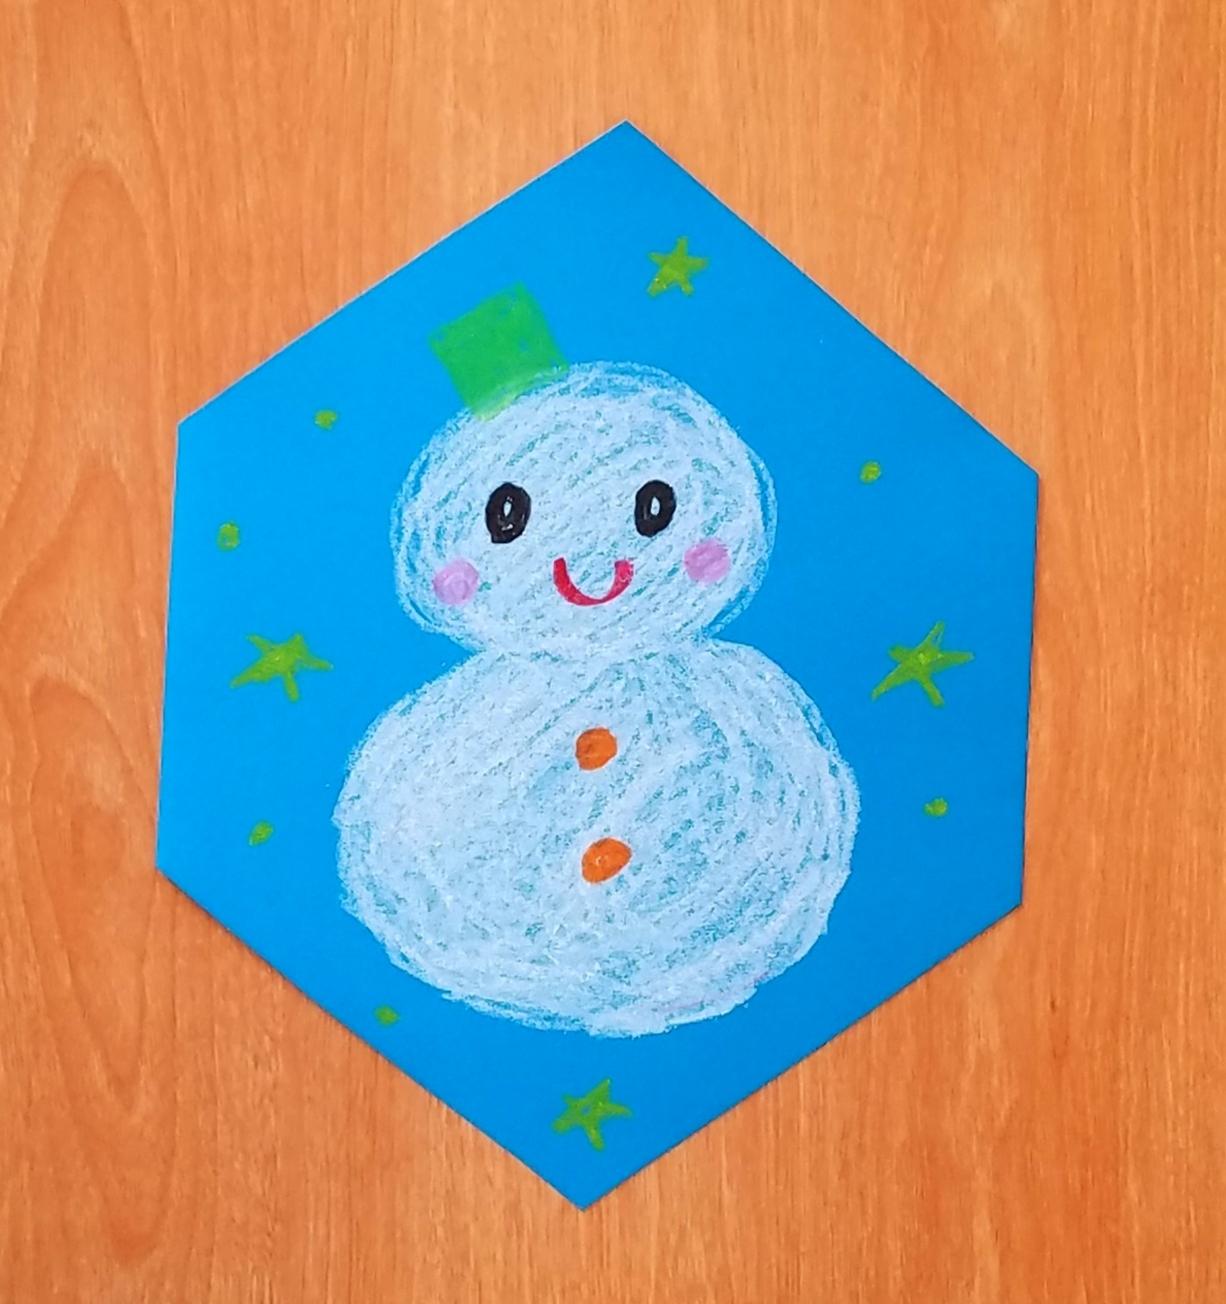 クレヨンで描く雪だるま